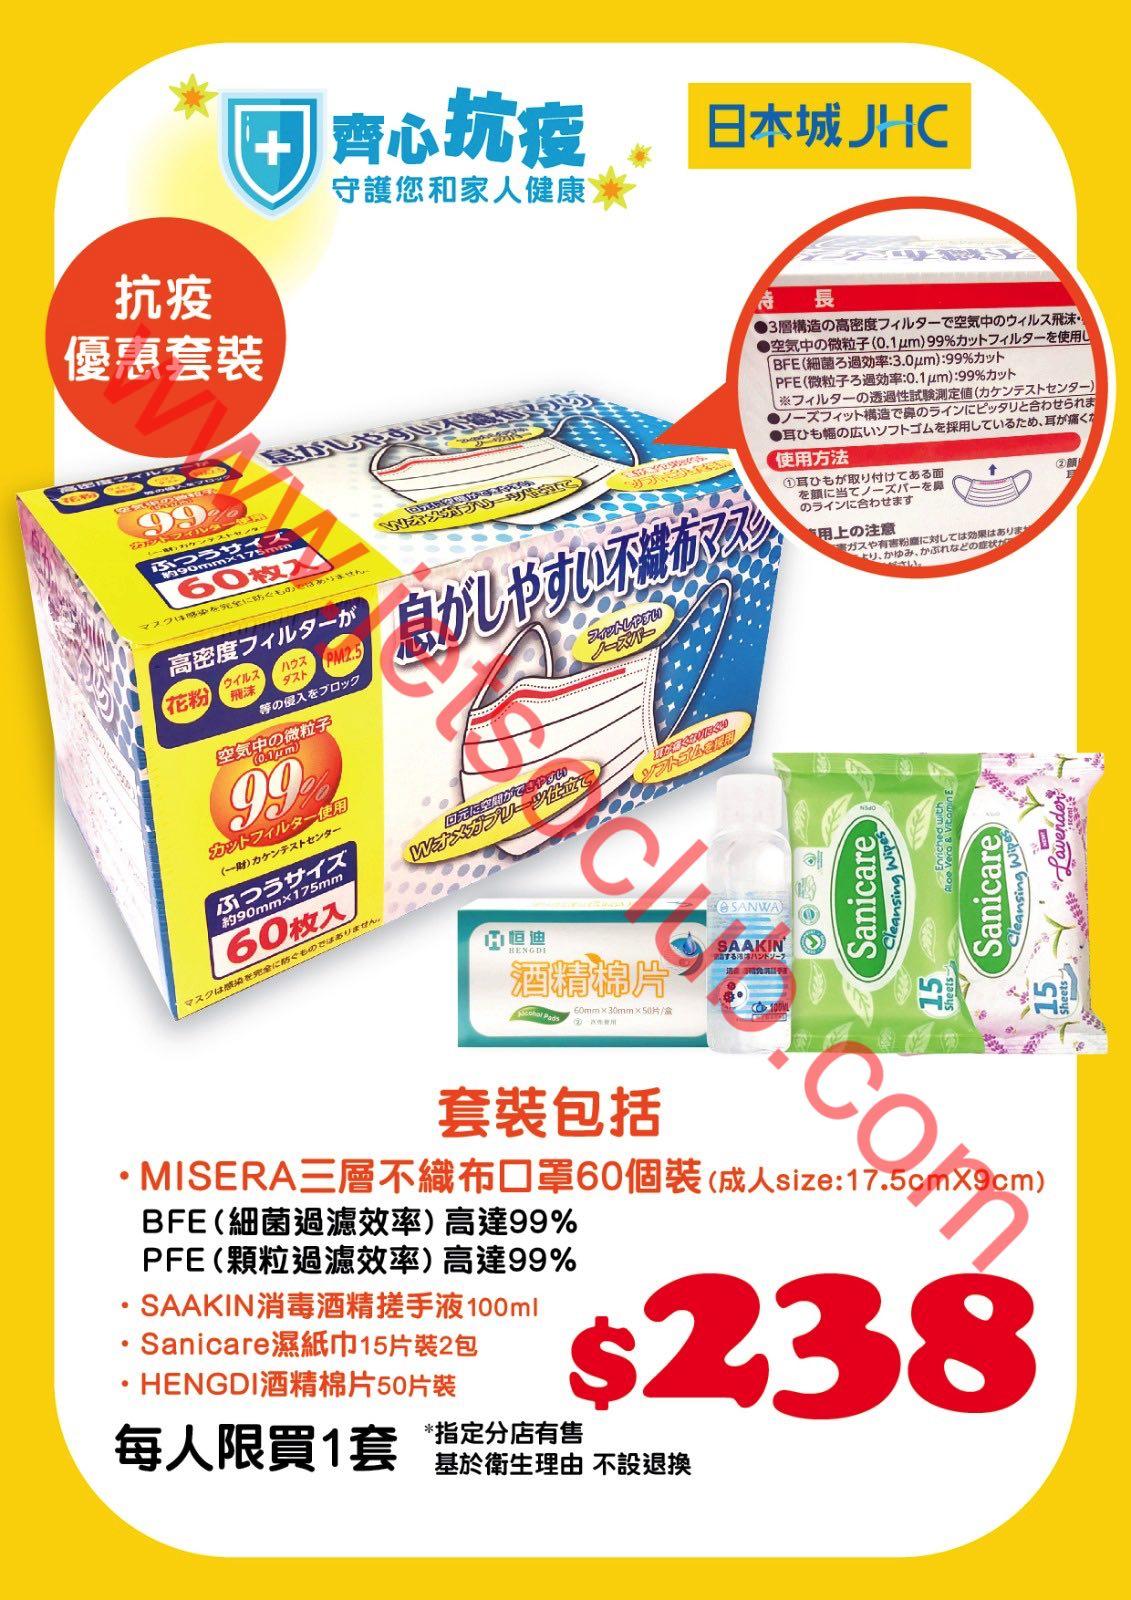 日本城:指定分店 抗疫優惠組合(10/4 10:00 發售) ( Jetso Club 著數俱樂部 )